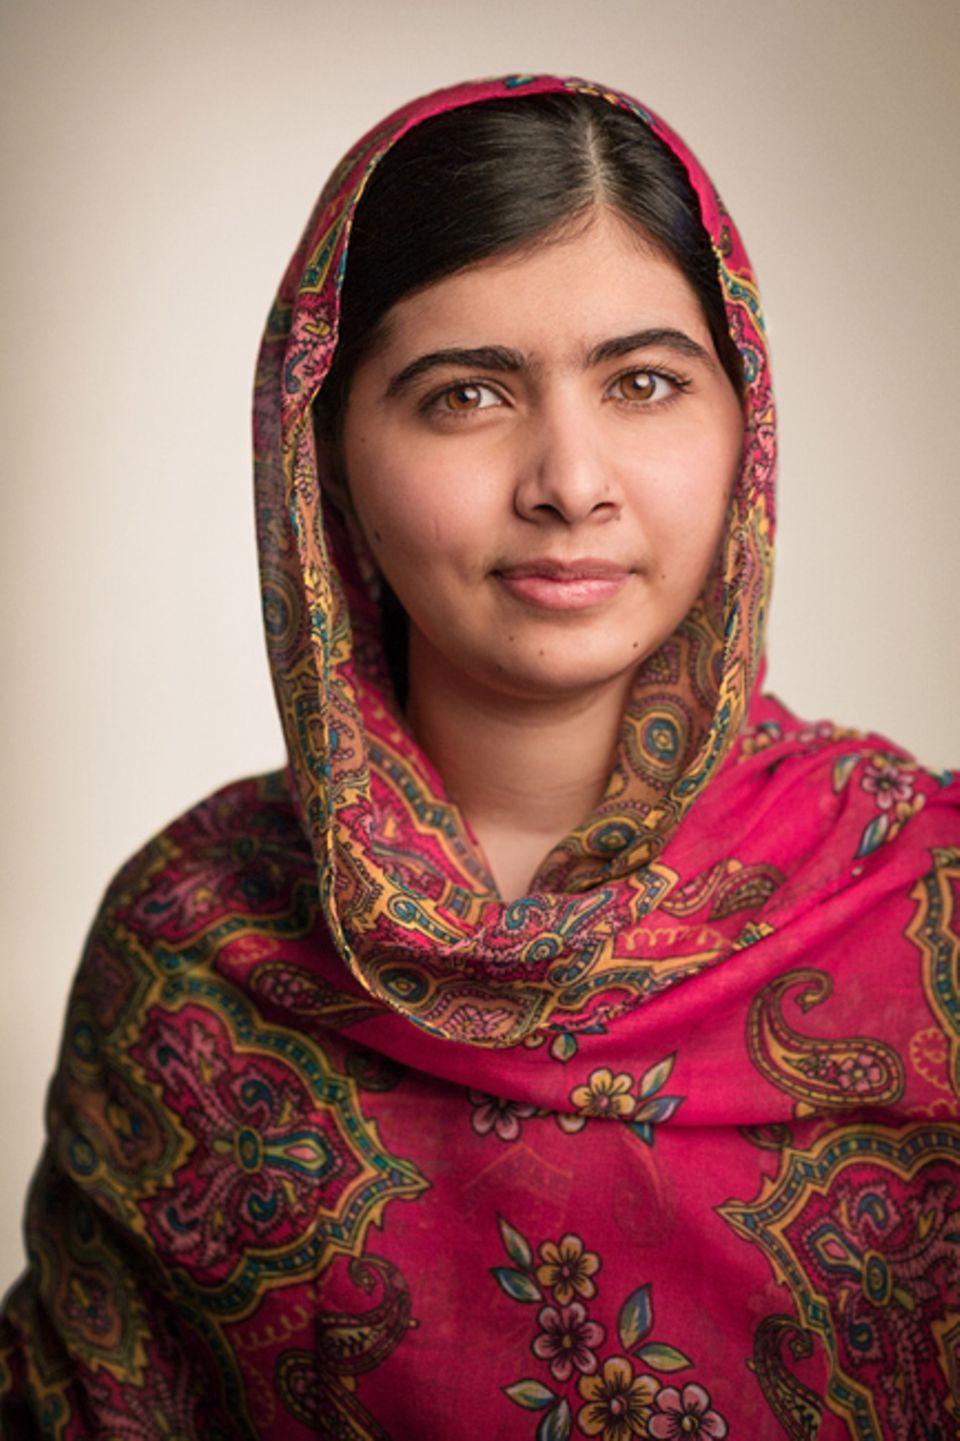 Buchtipp: Malala Yousafzai machte bereits im Alter von elf Jahren auf sich aufmerksam. Für die Webseite des britischen TV-Senders BBC führte sie ein Blog-Tagebuch, in dem sie über die Gewalttaten der Taliban (eine terroristische Gruppe) berichtete